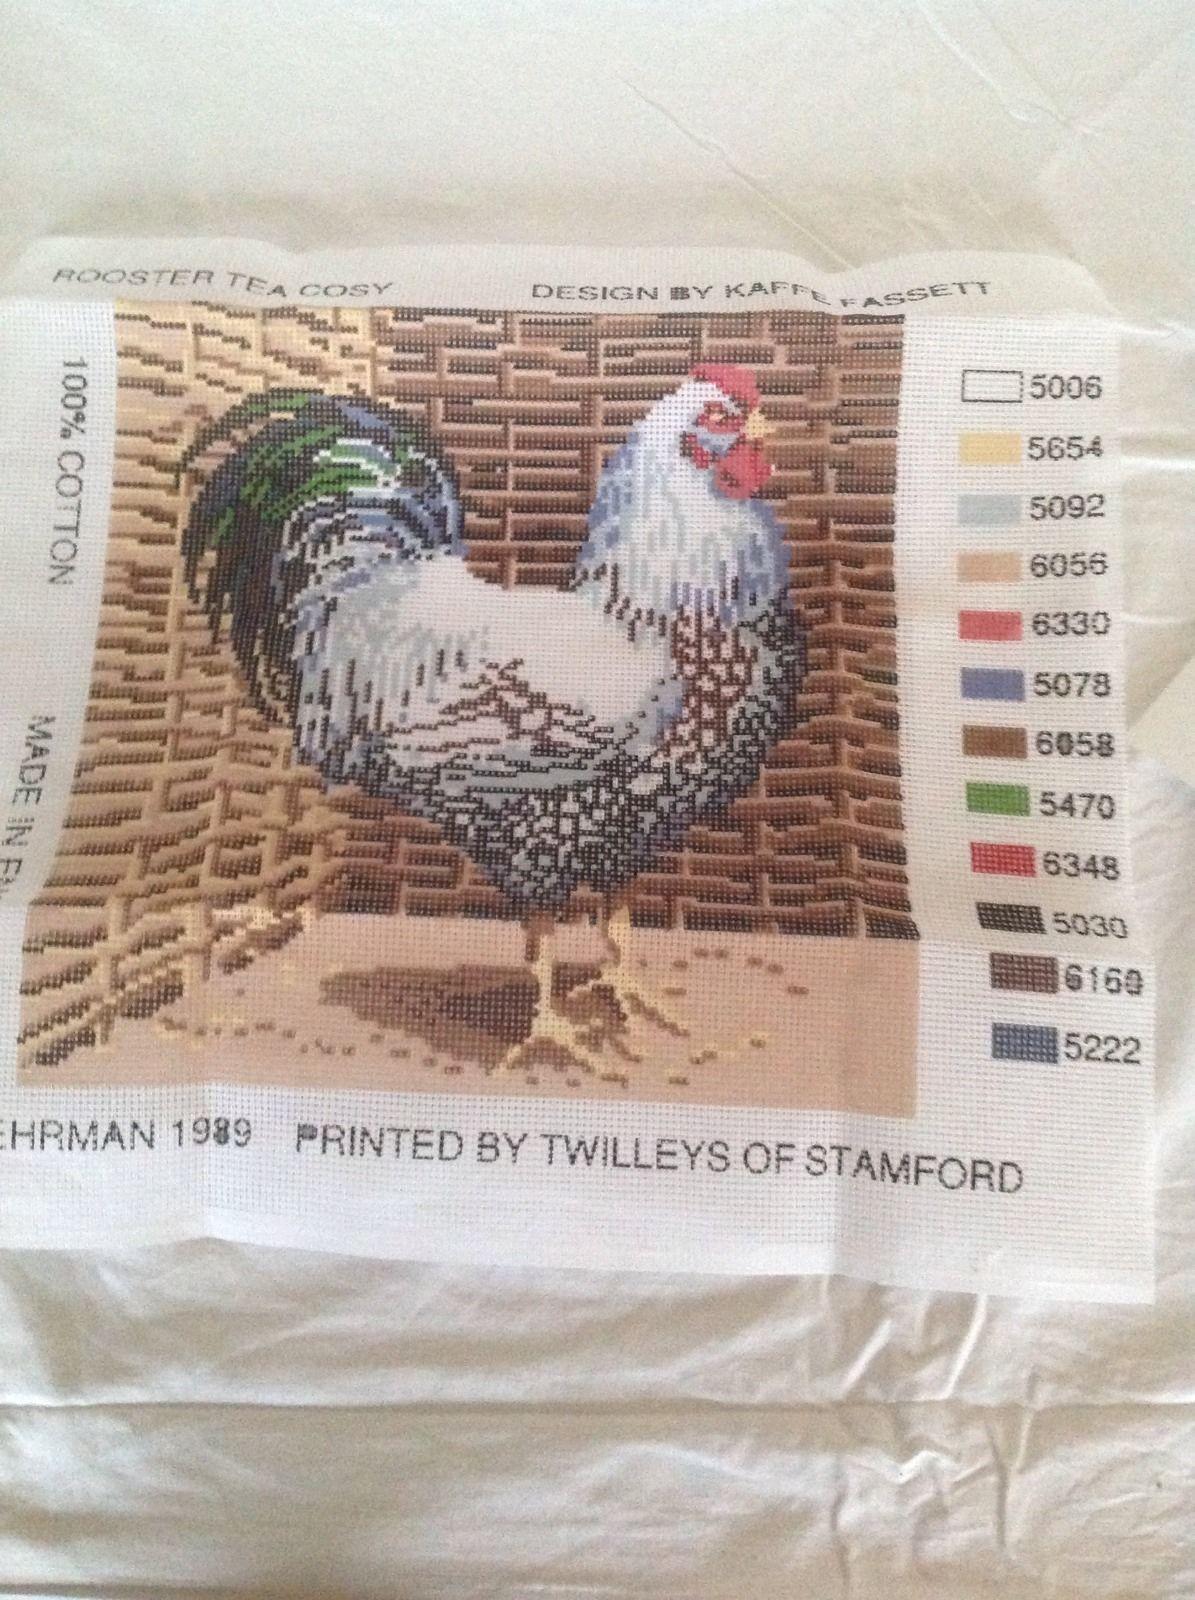 Needlepoint ehrman tapestry kit   eBay